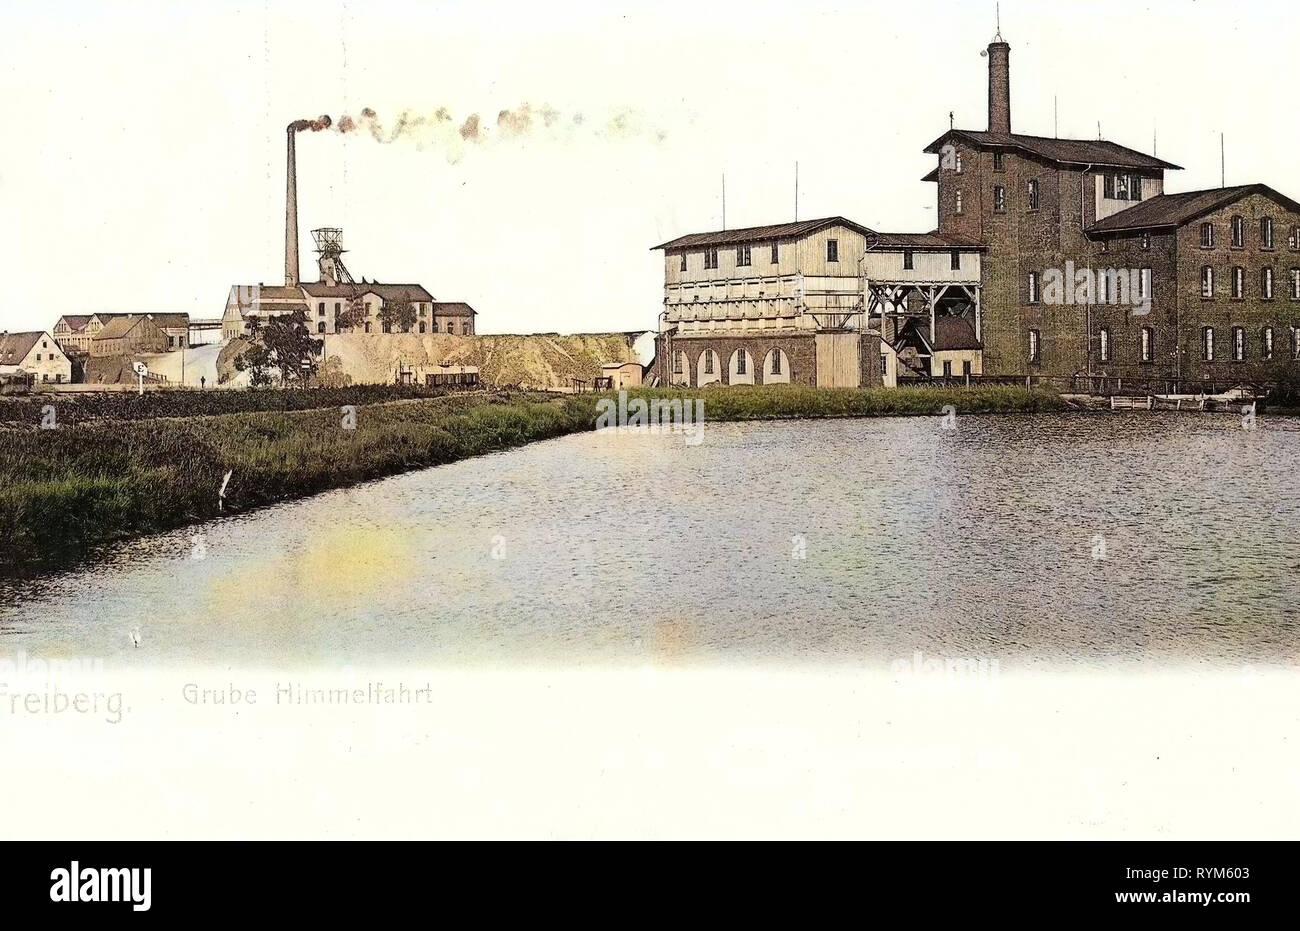 Ponds in Landkreis Mittelsachsen, Himmelfahrt Fundgrube, 1903, Landkreis Mittelsachsen, Freiberg, Grube Himmelfahrt, Germany - Stock Image